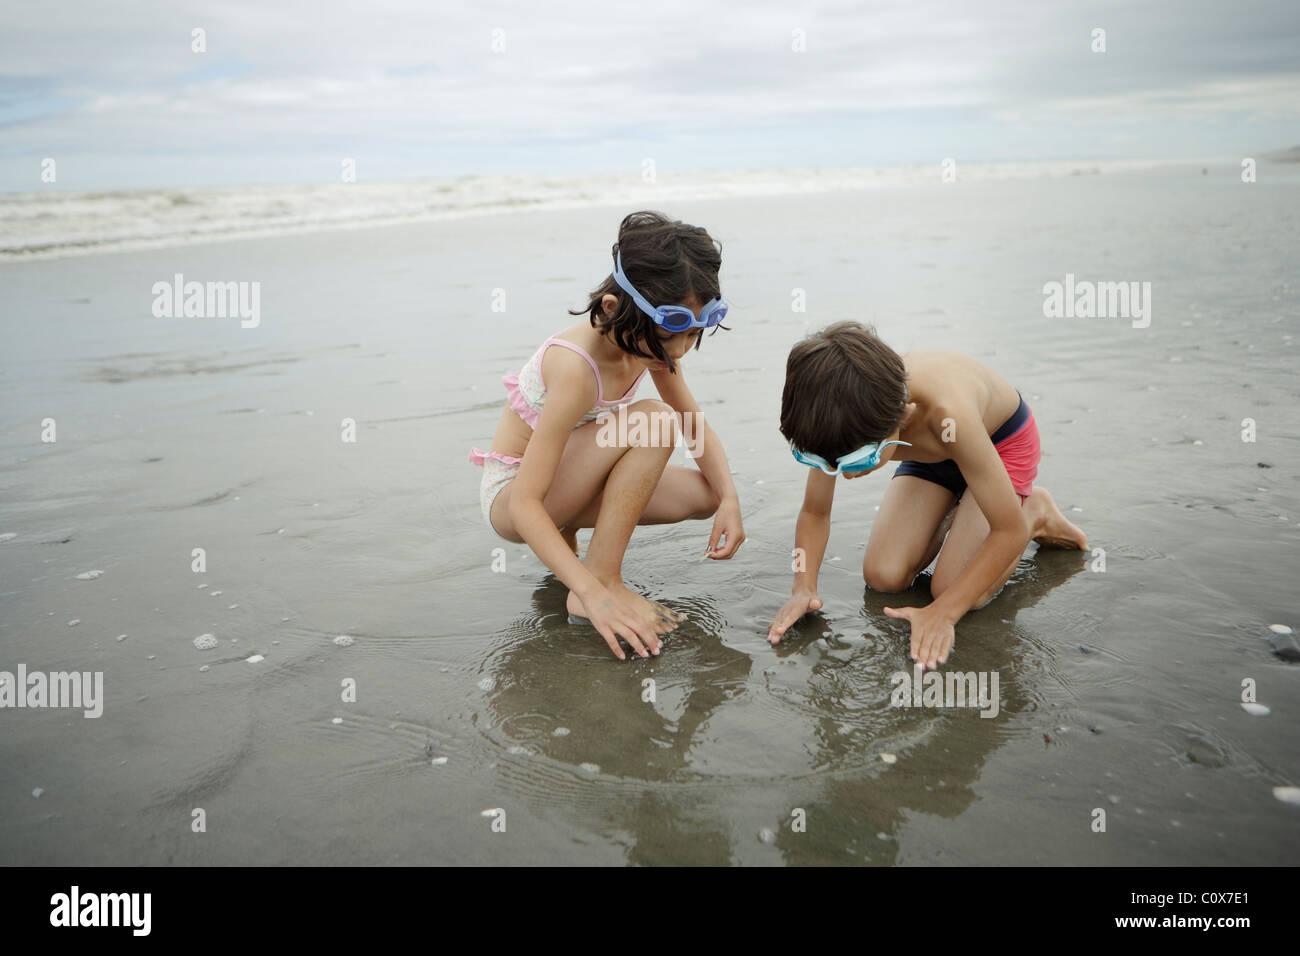 Fratello e Sorella, razza mista, giocare in mare. Manawatu Affitto, Nuova Zelanda. Immagini Stock